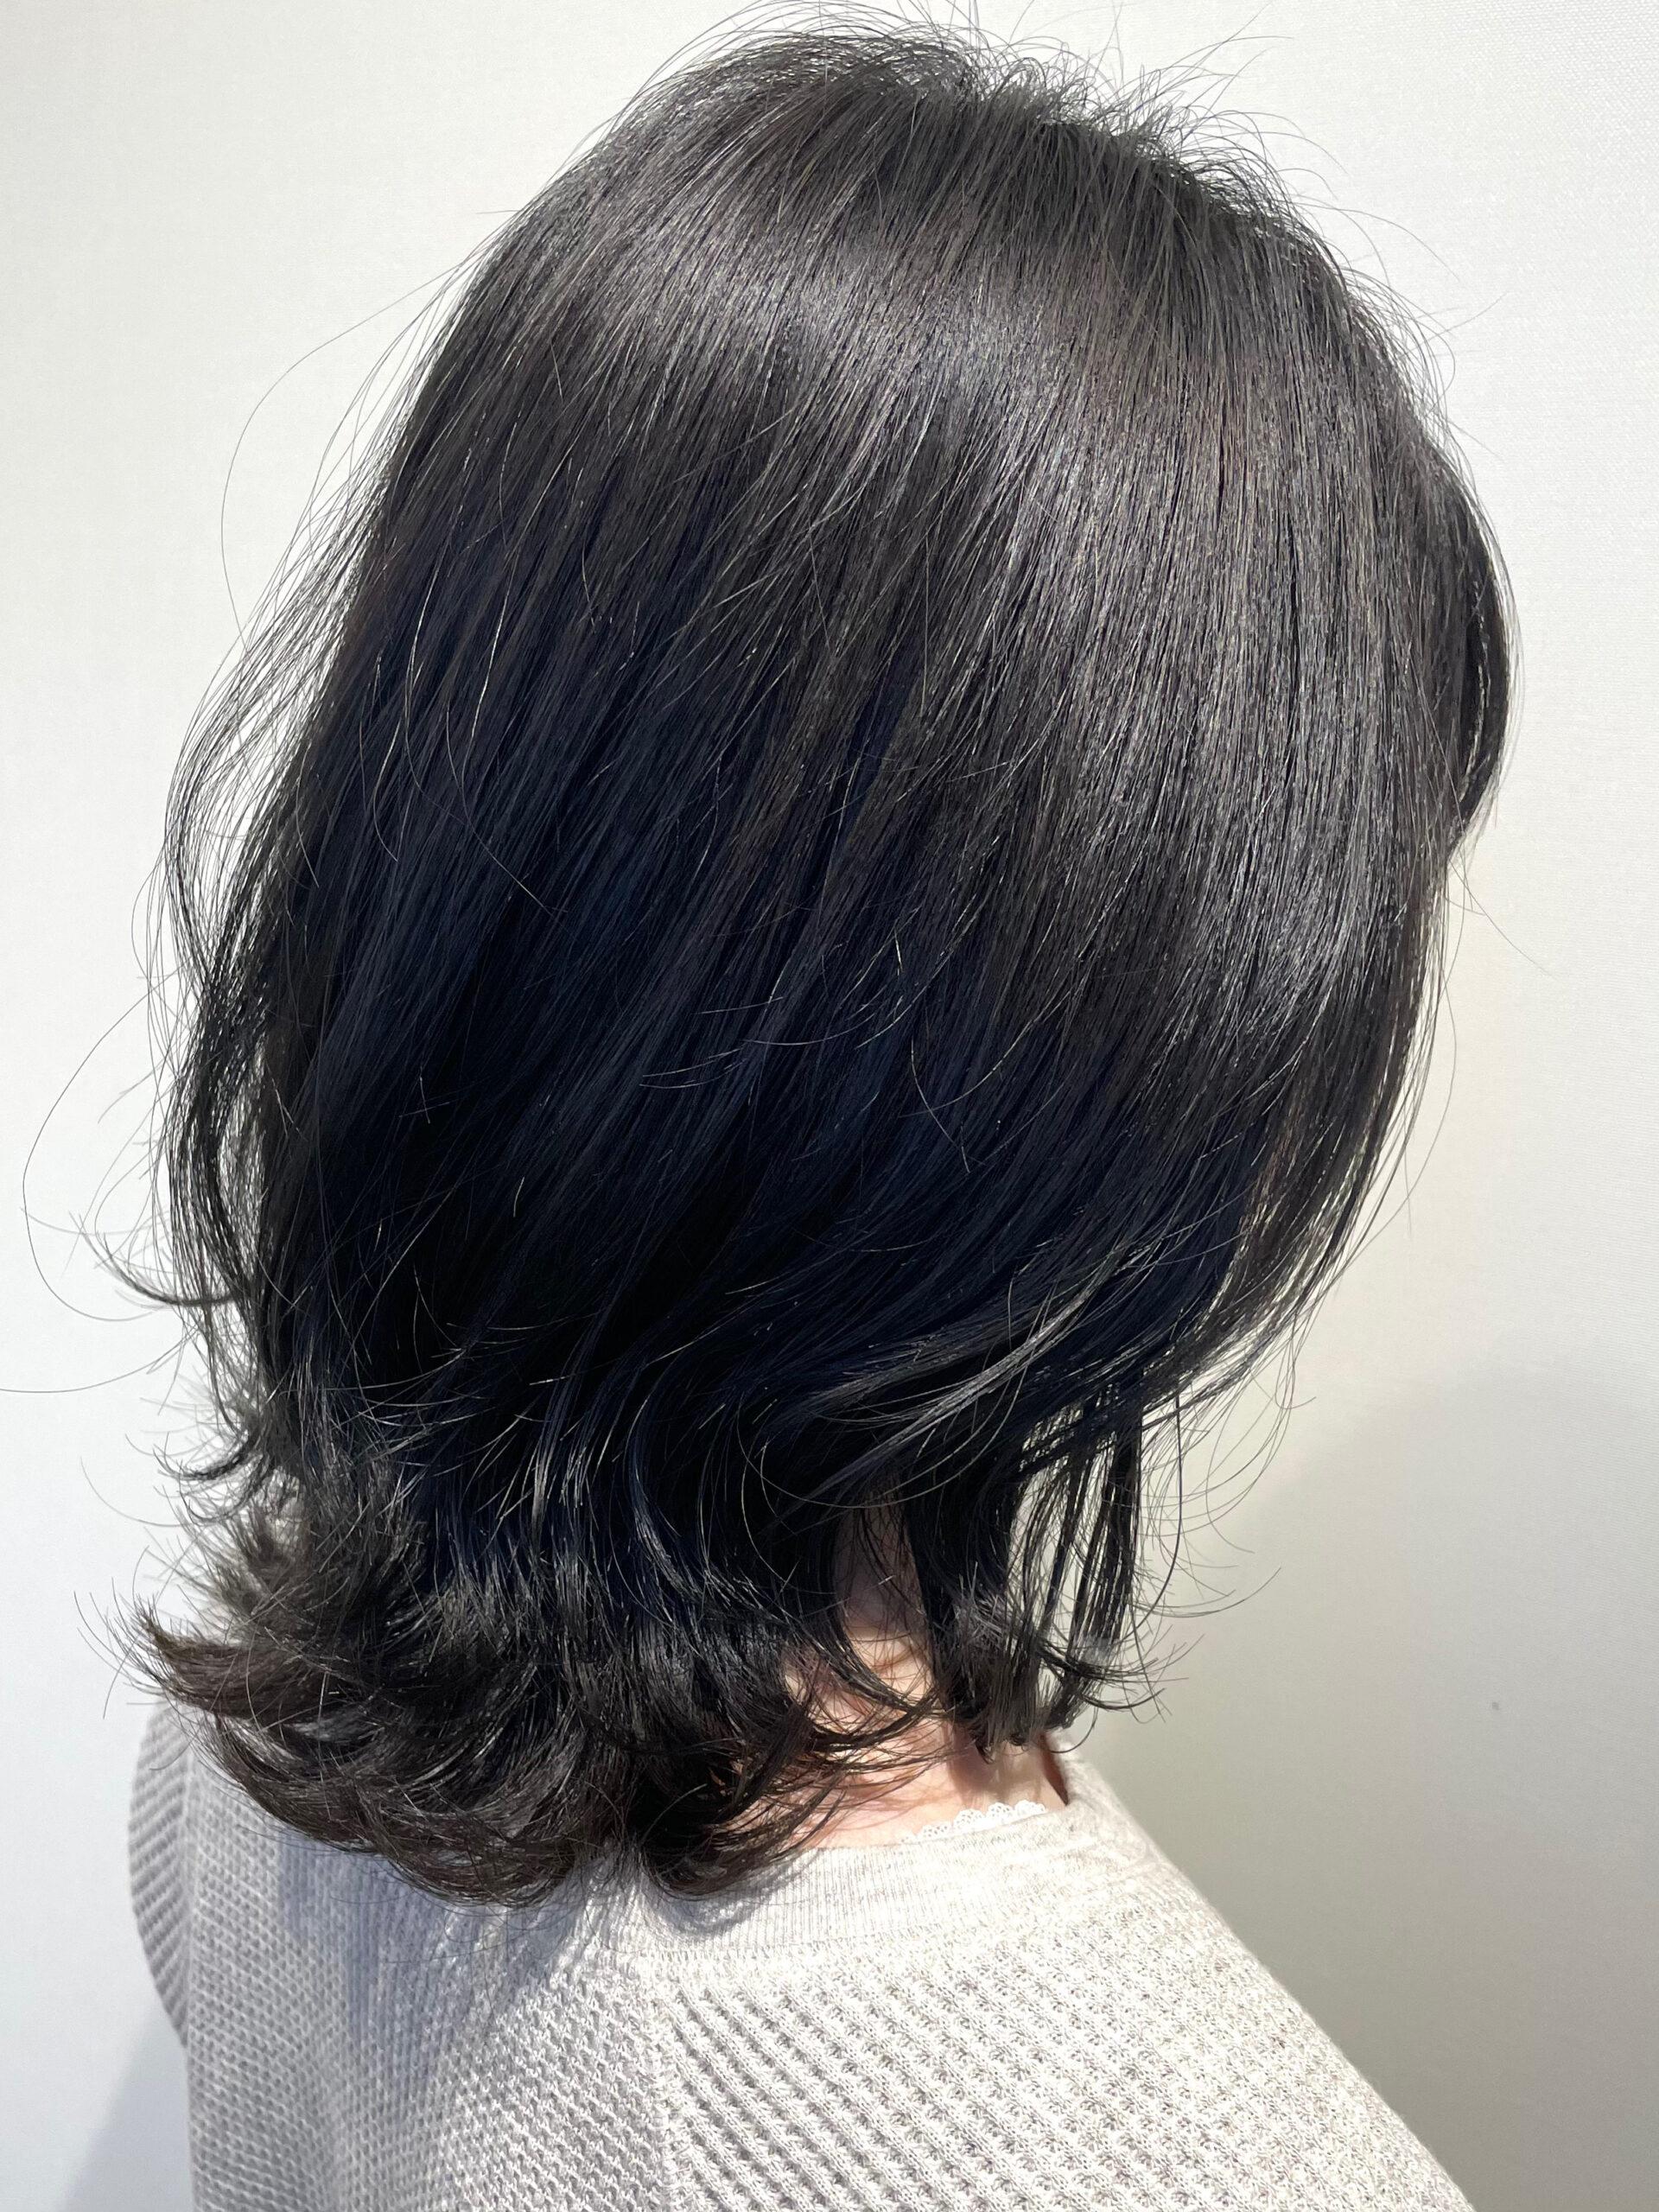 大分県別府市 真っ黒は嫌だけど暗めの髪色にしたい方にオススメ『暗めダークアッシュ』 アフター